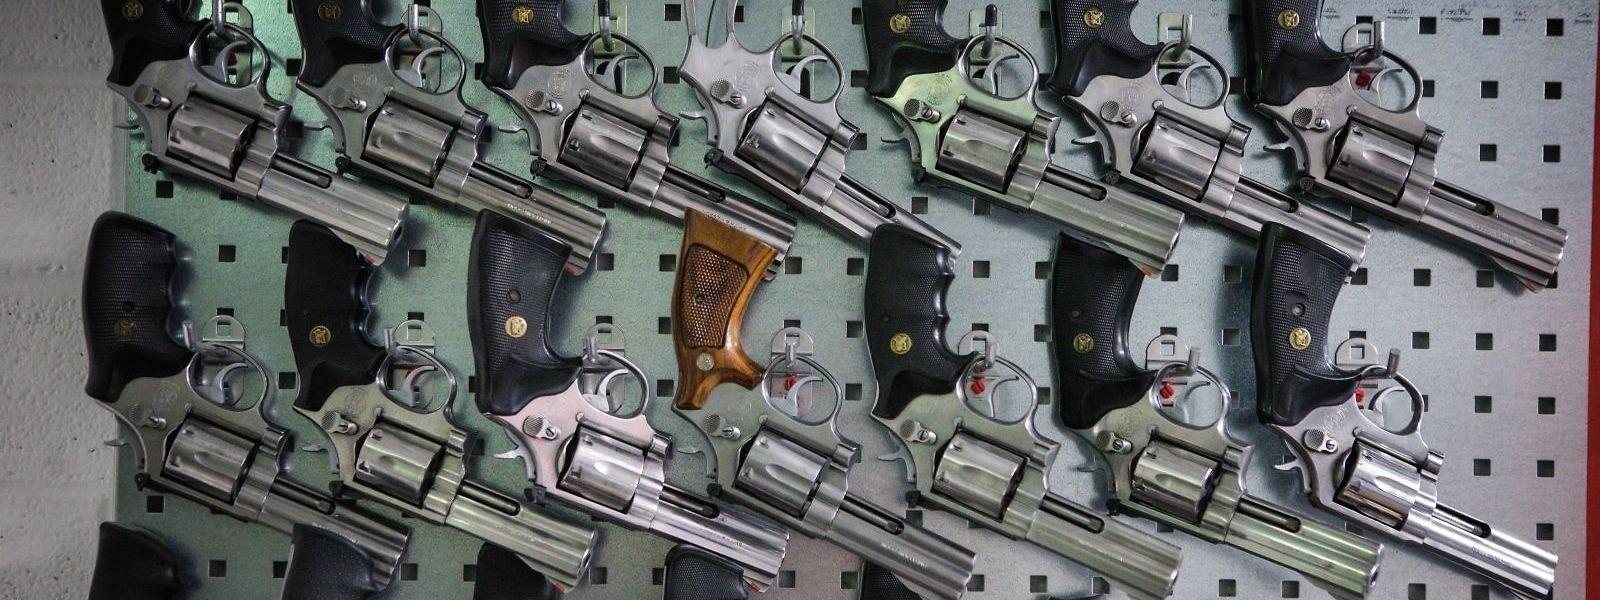 Die aus dem Verkehr gezogenen ehemaligen Dienstrevolver des Typs Smith & Wesson 686 in der Waffenmeisterei der Polizei.